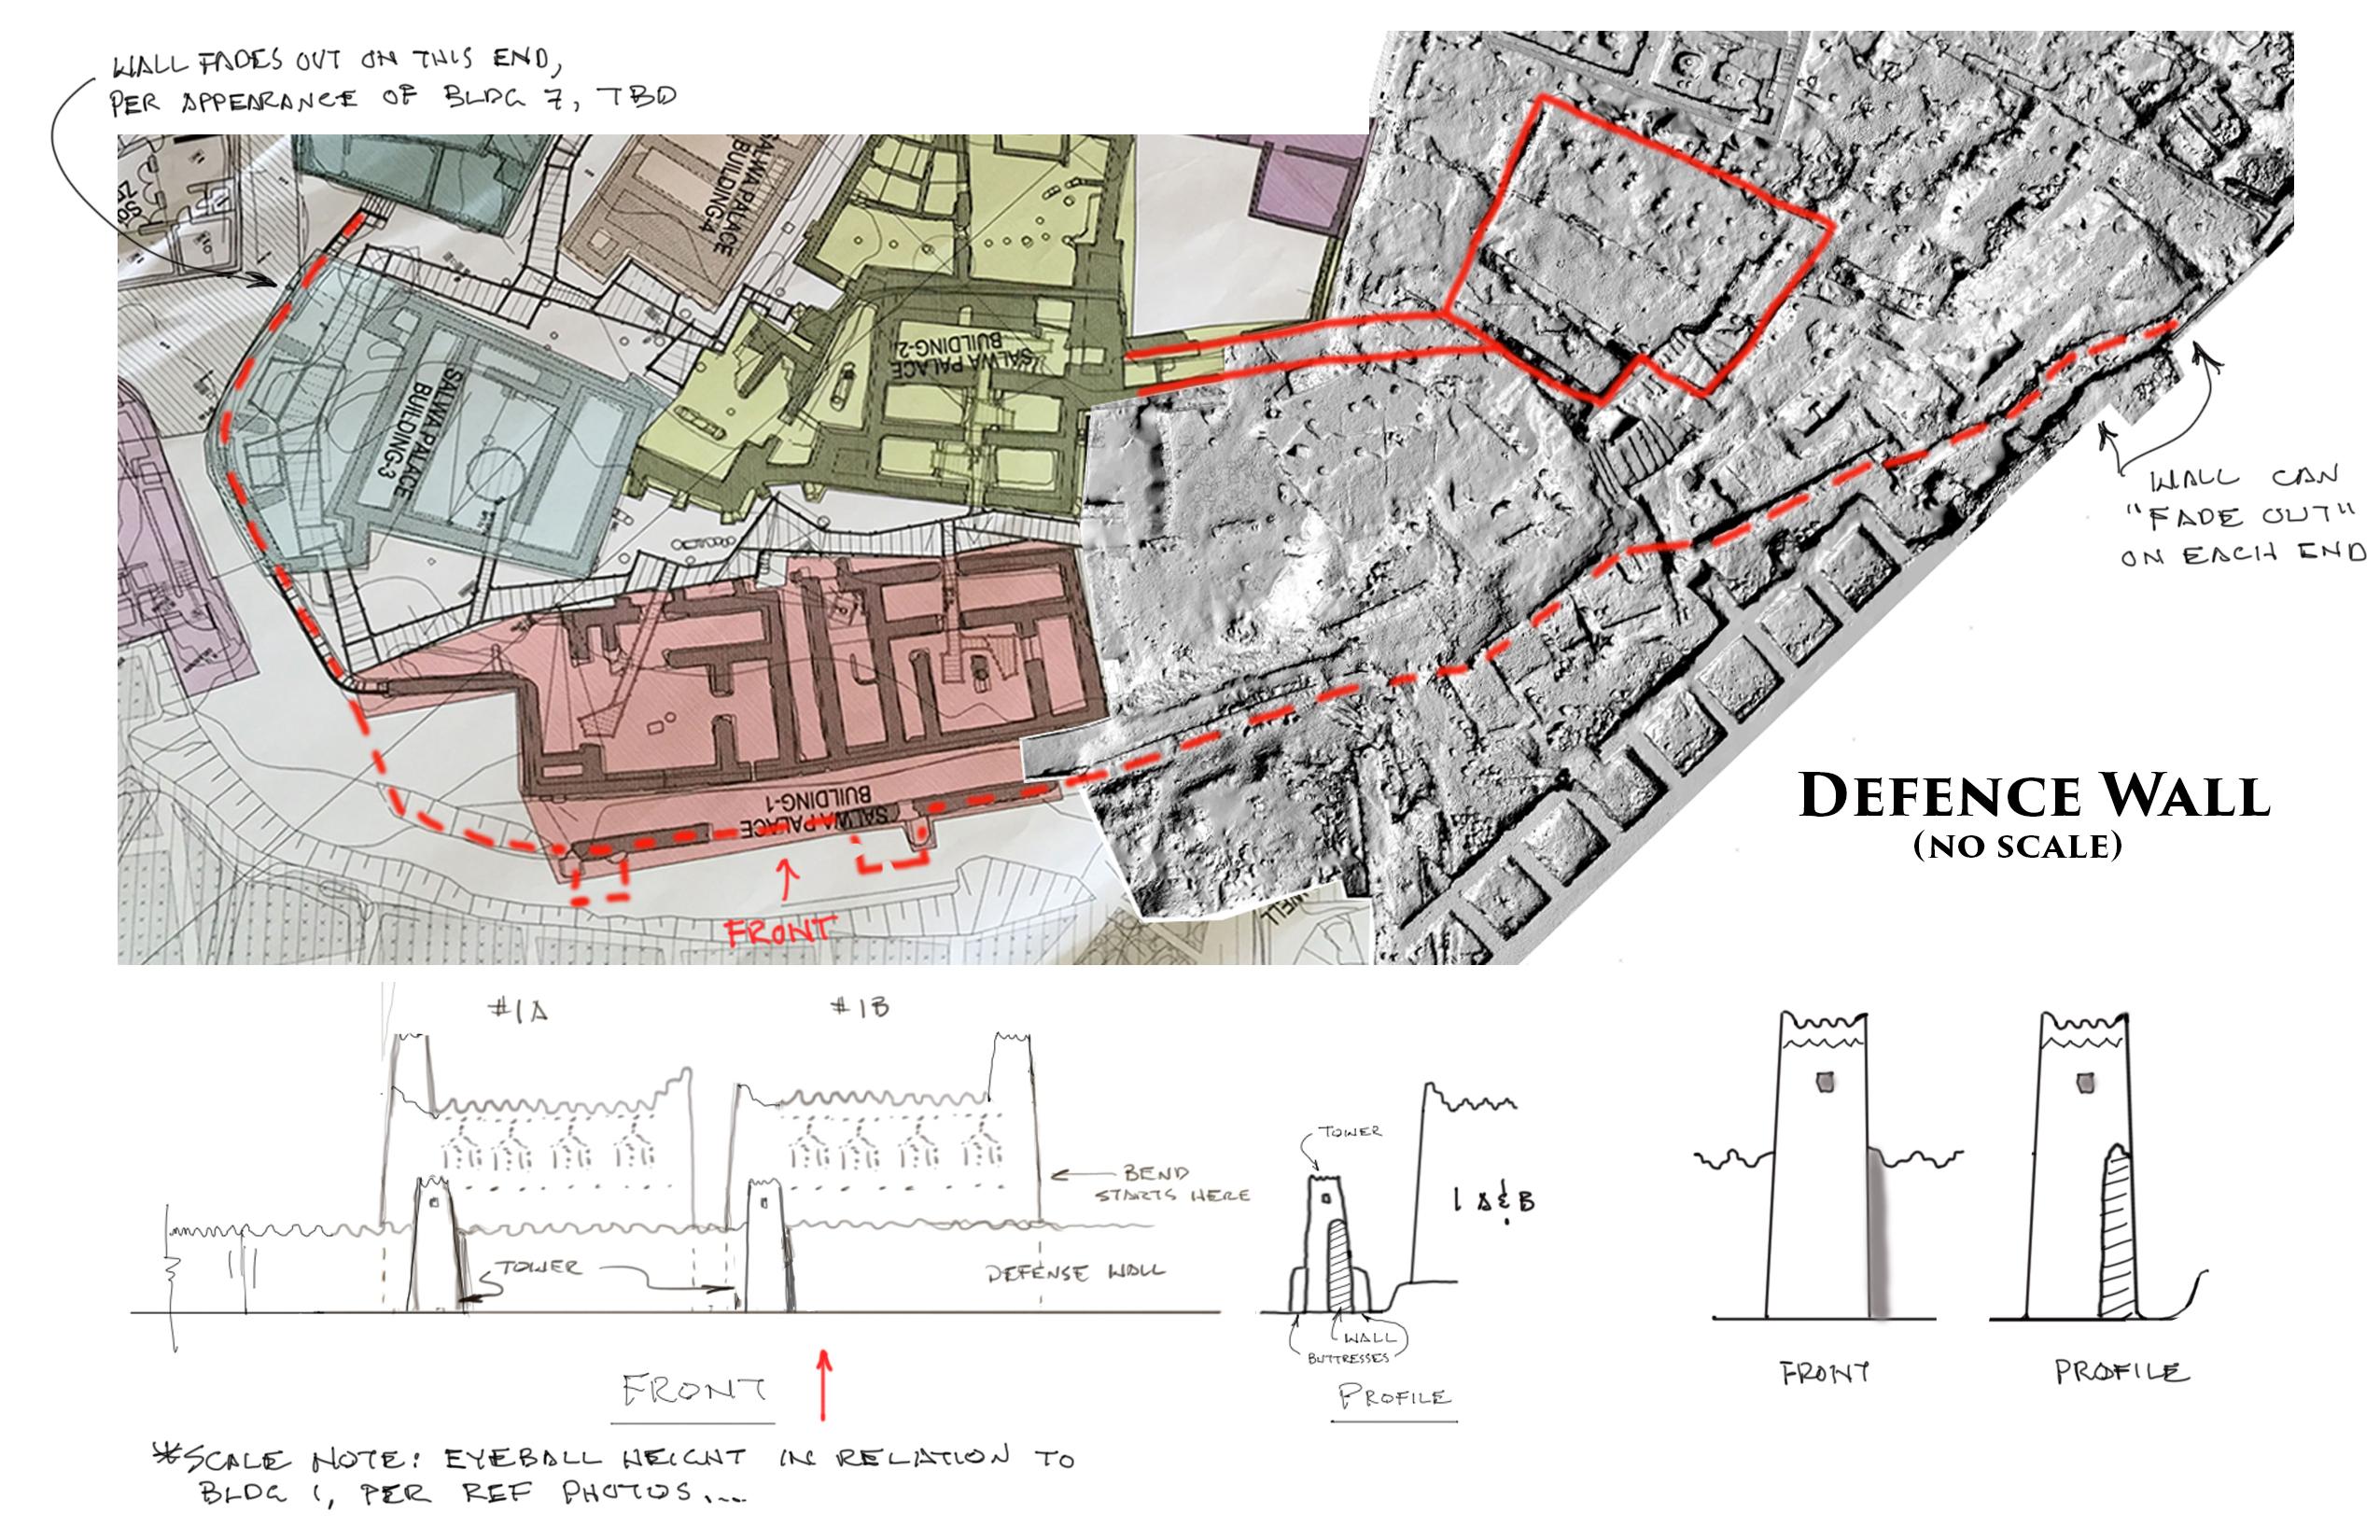 DefenceWall